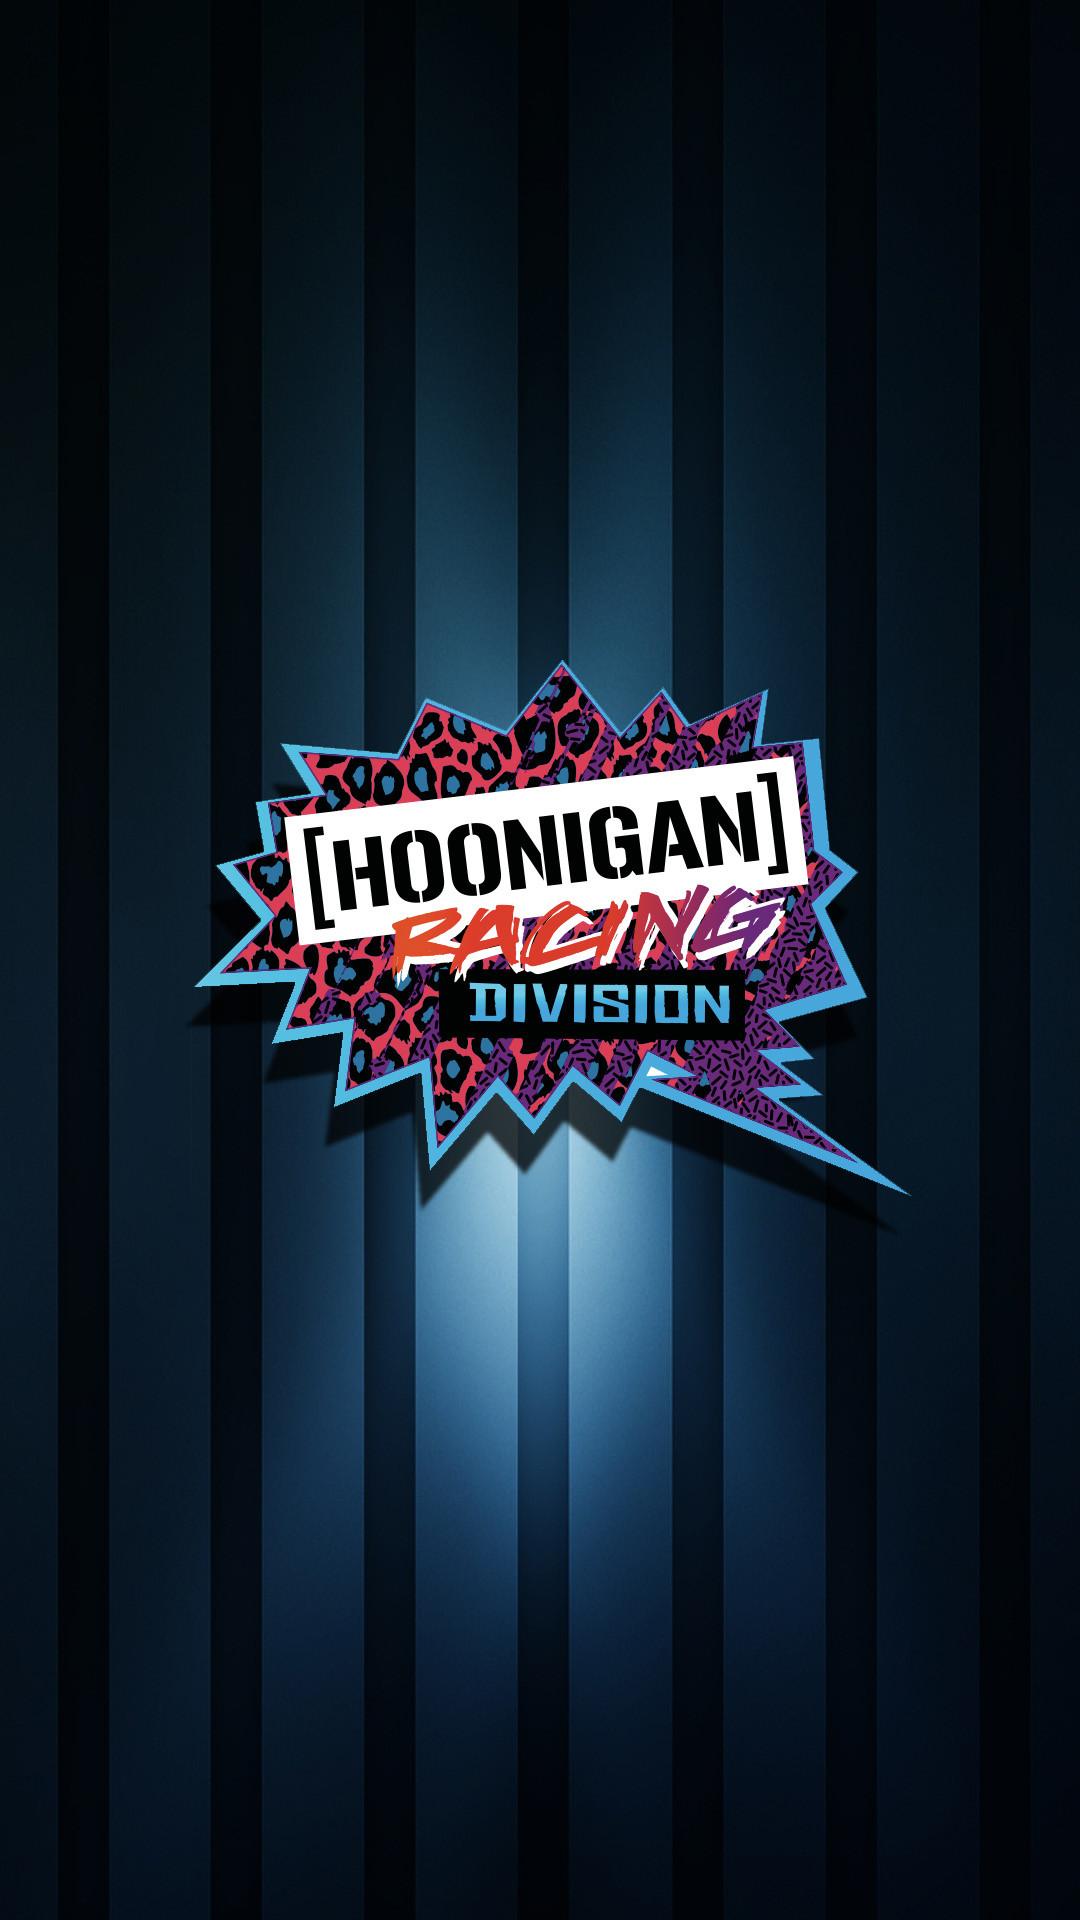 Hoonigan Wallpapers 76 Images